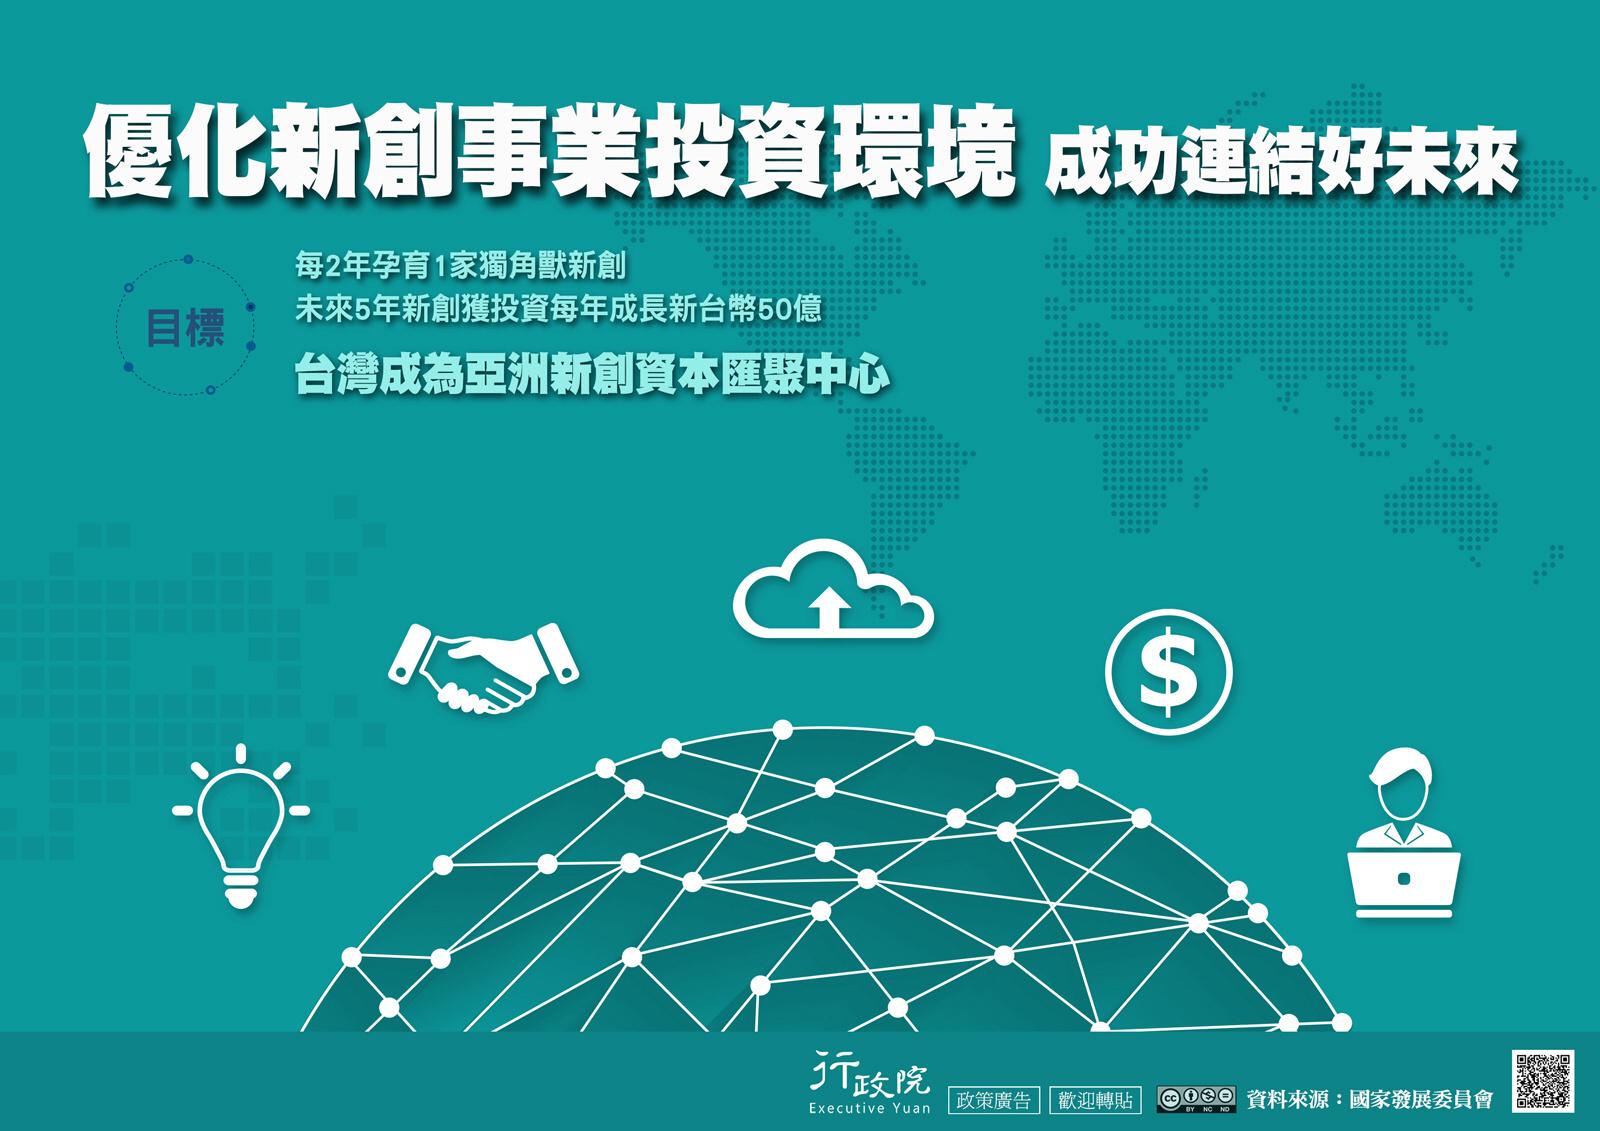 優化新創事業投資環境